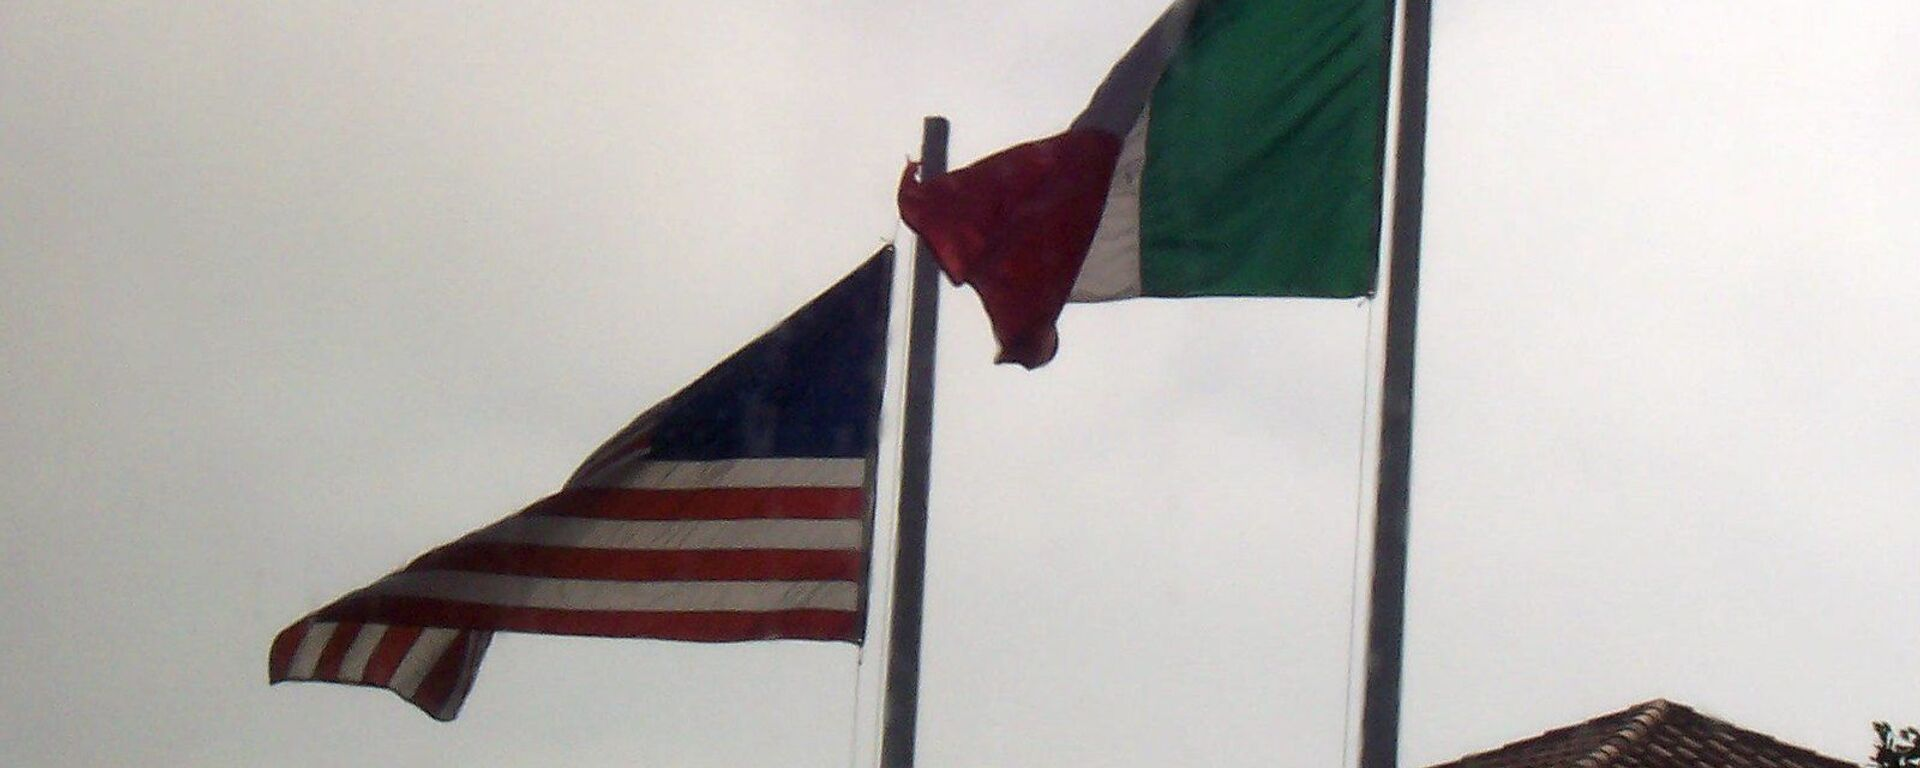 Banderas de EEUU y México - Sputnik Mundo, 1920, 20.05.2021